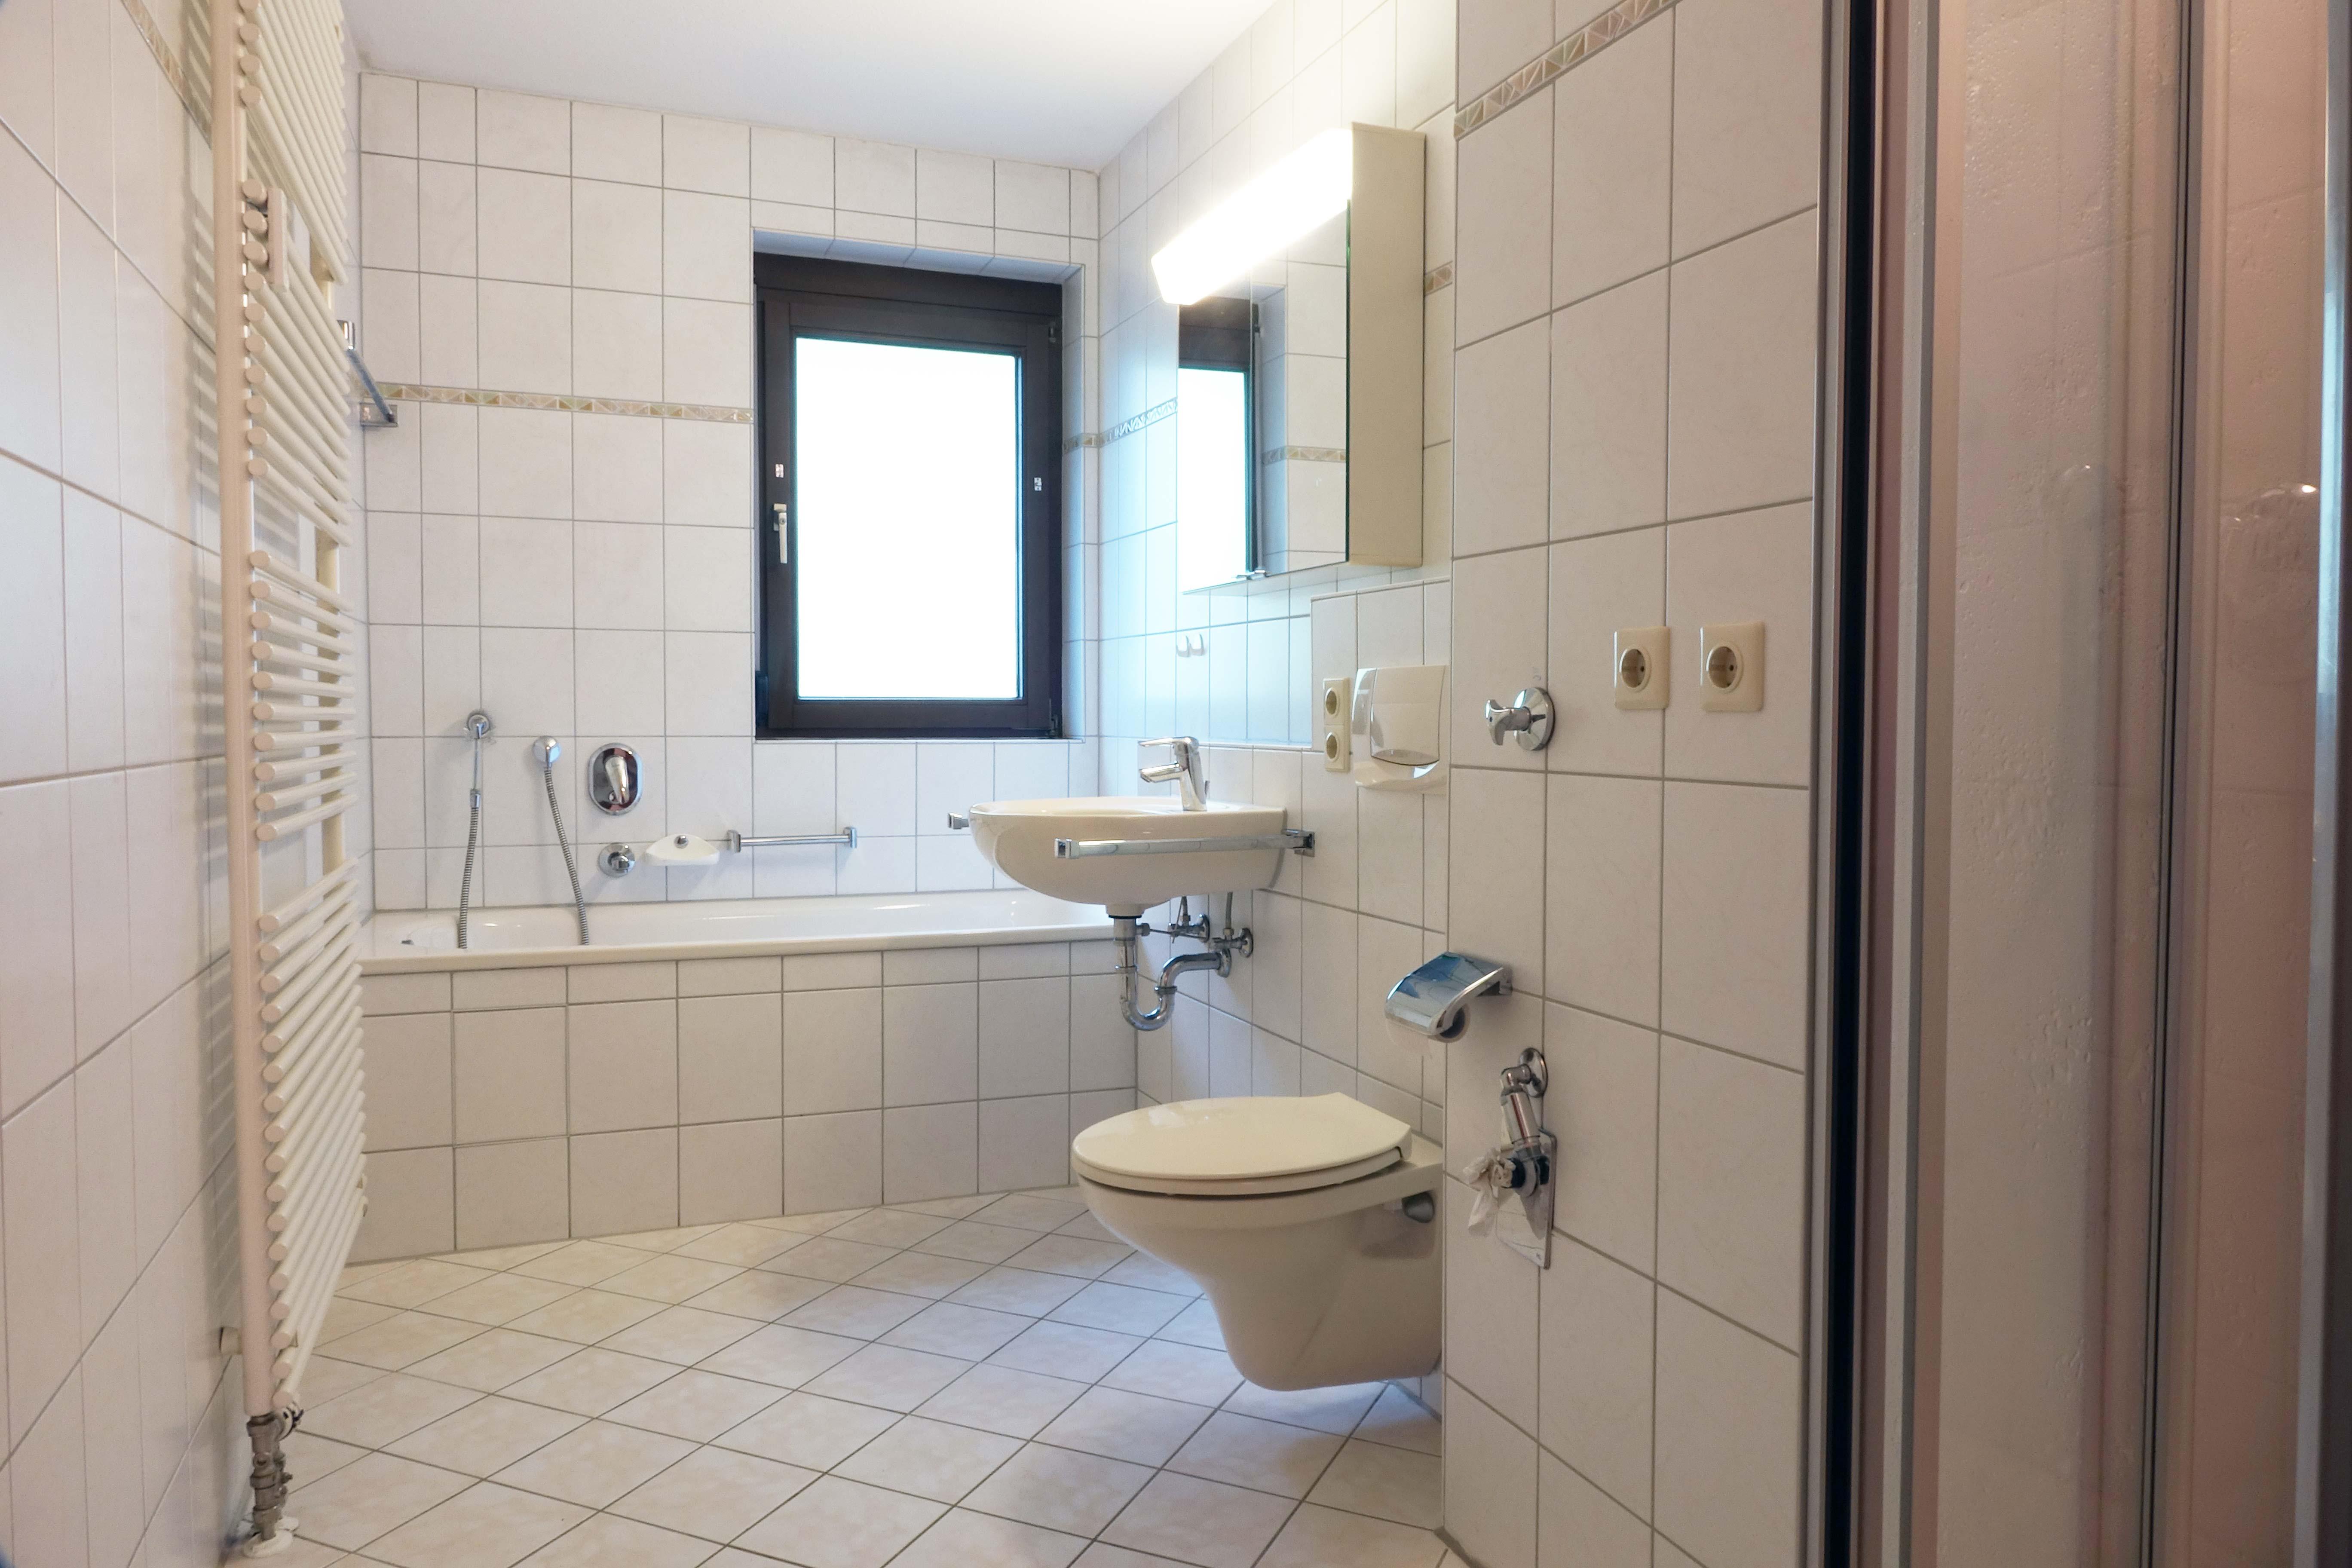 Badezimmer 1 maile immobilien stuttgart - Badezimmer stuttgart ...